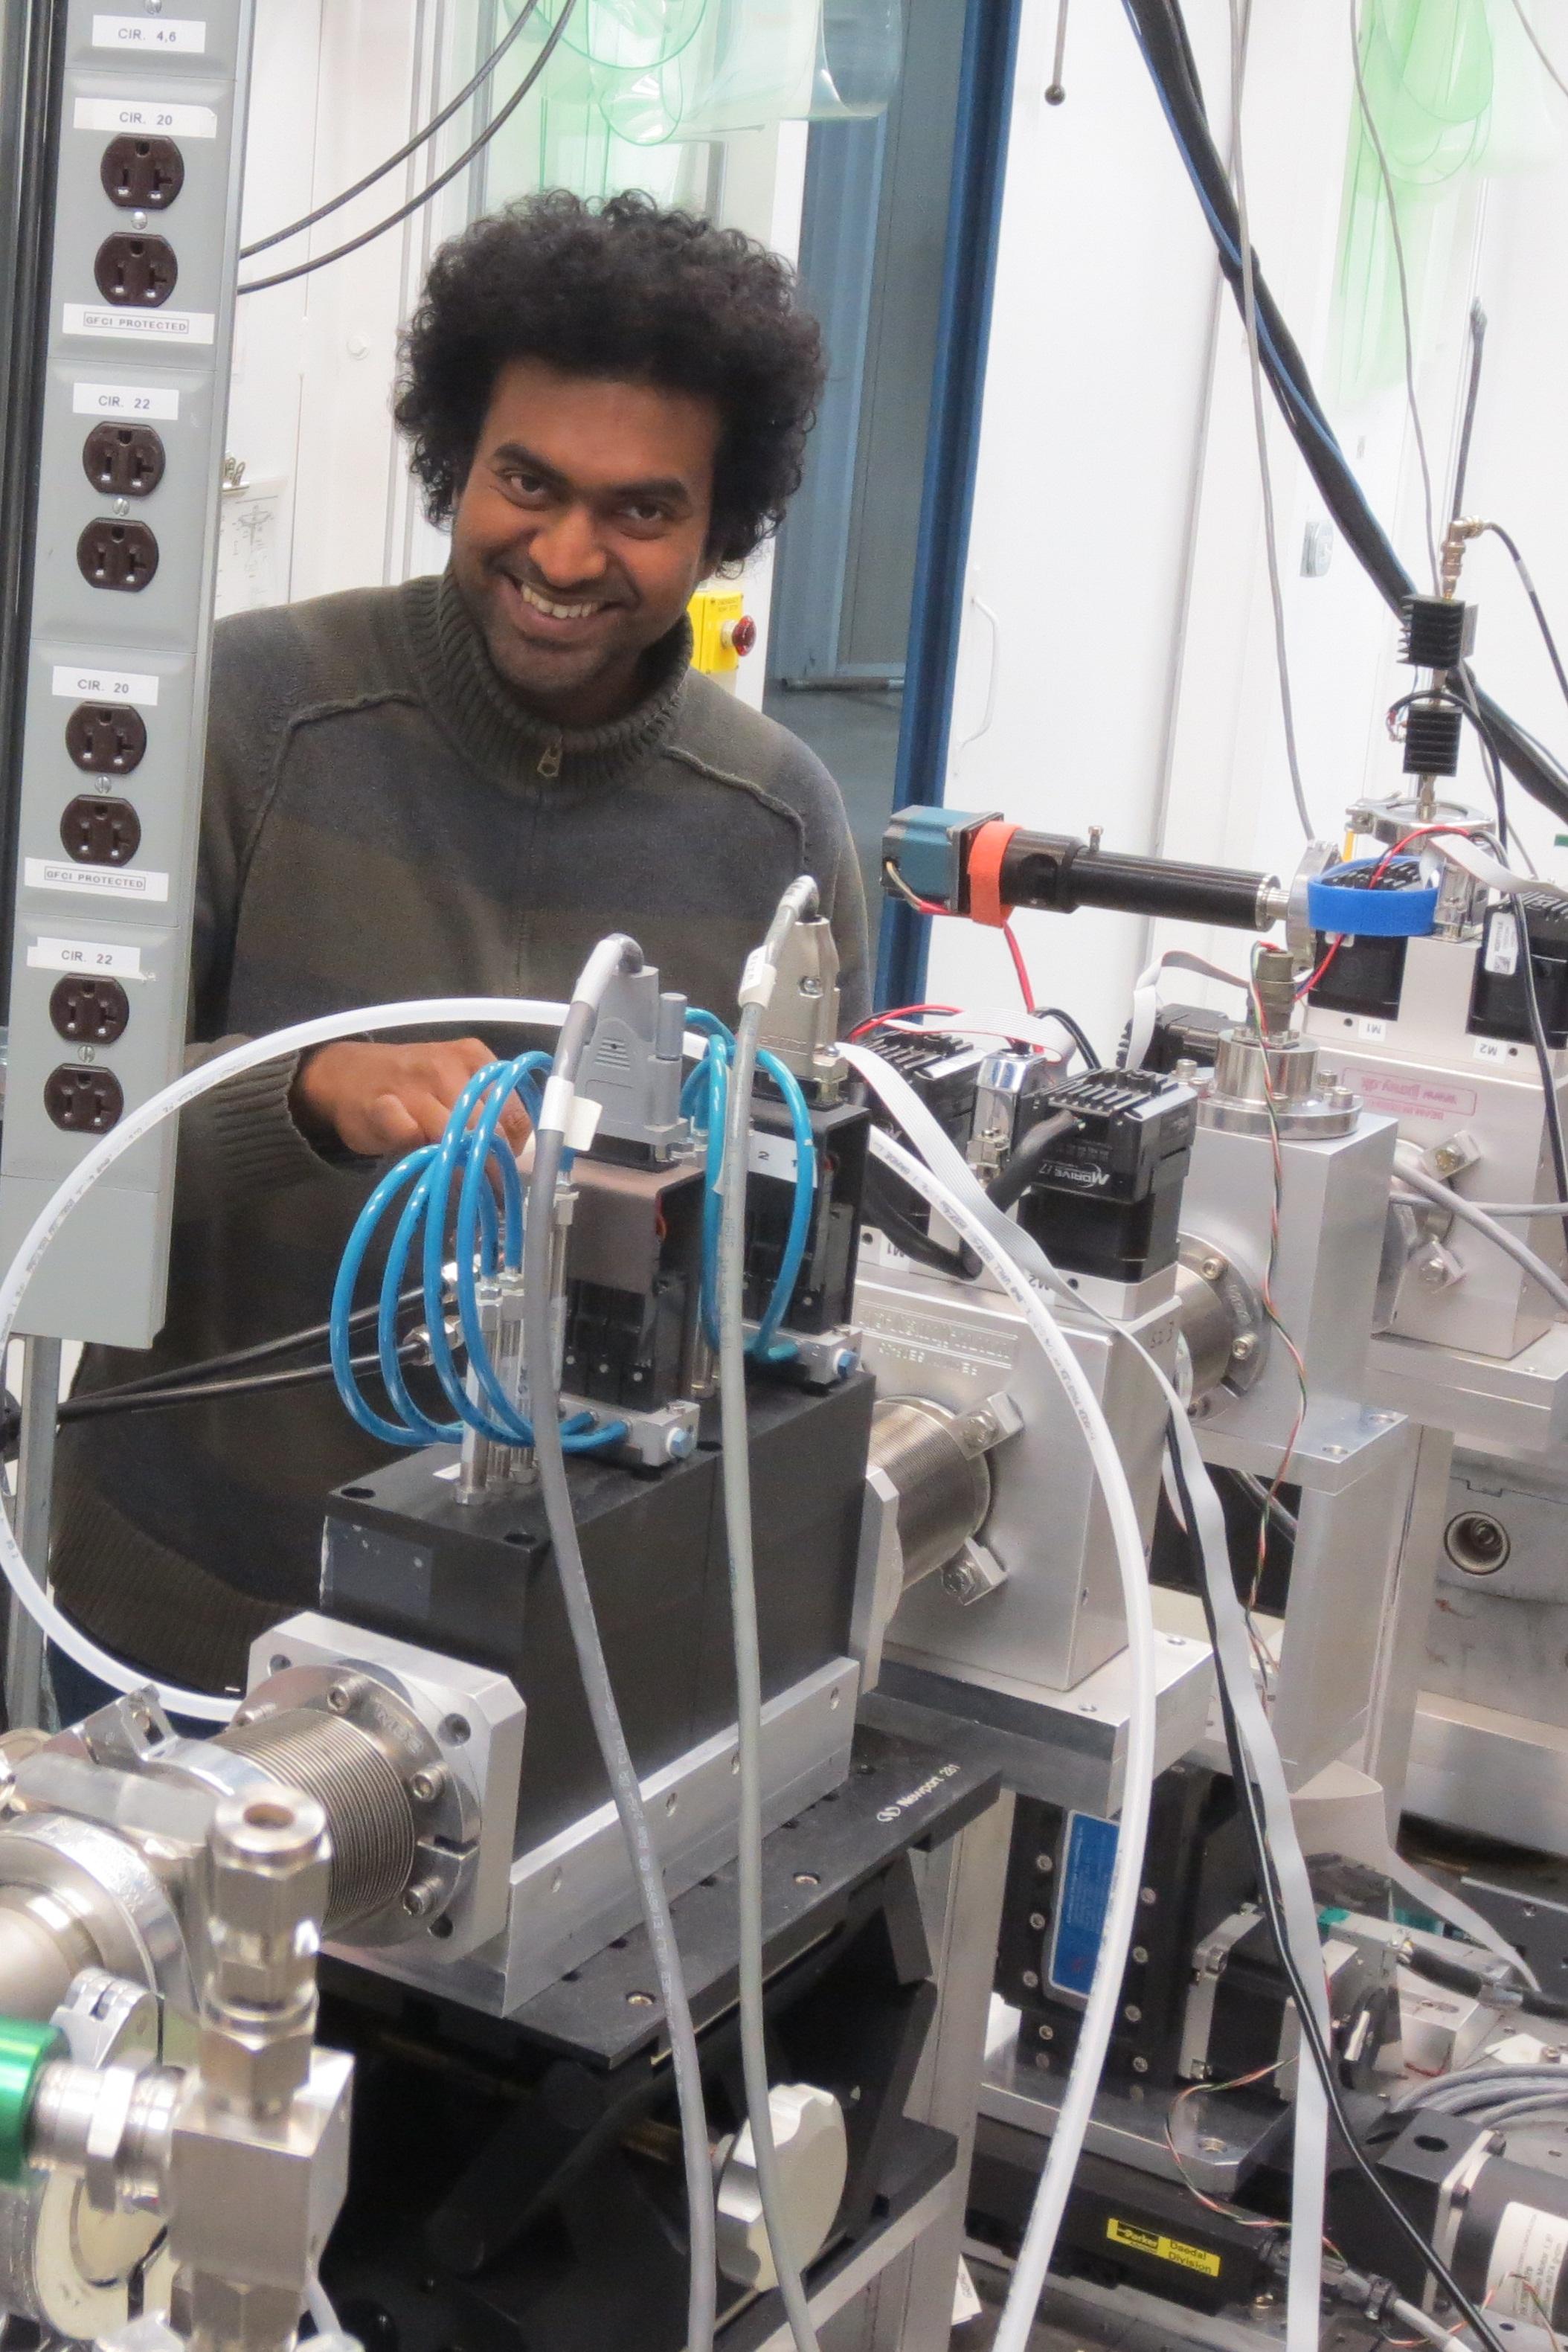 Ph.D. student Nuwan Karunaratne